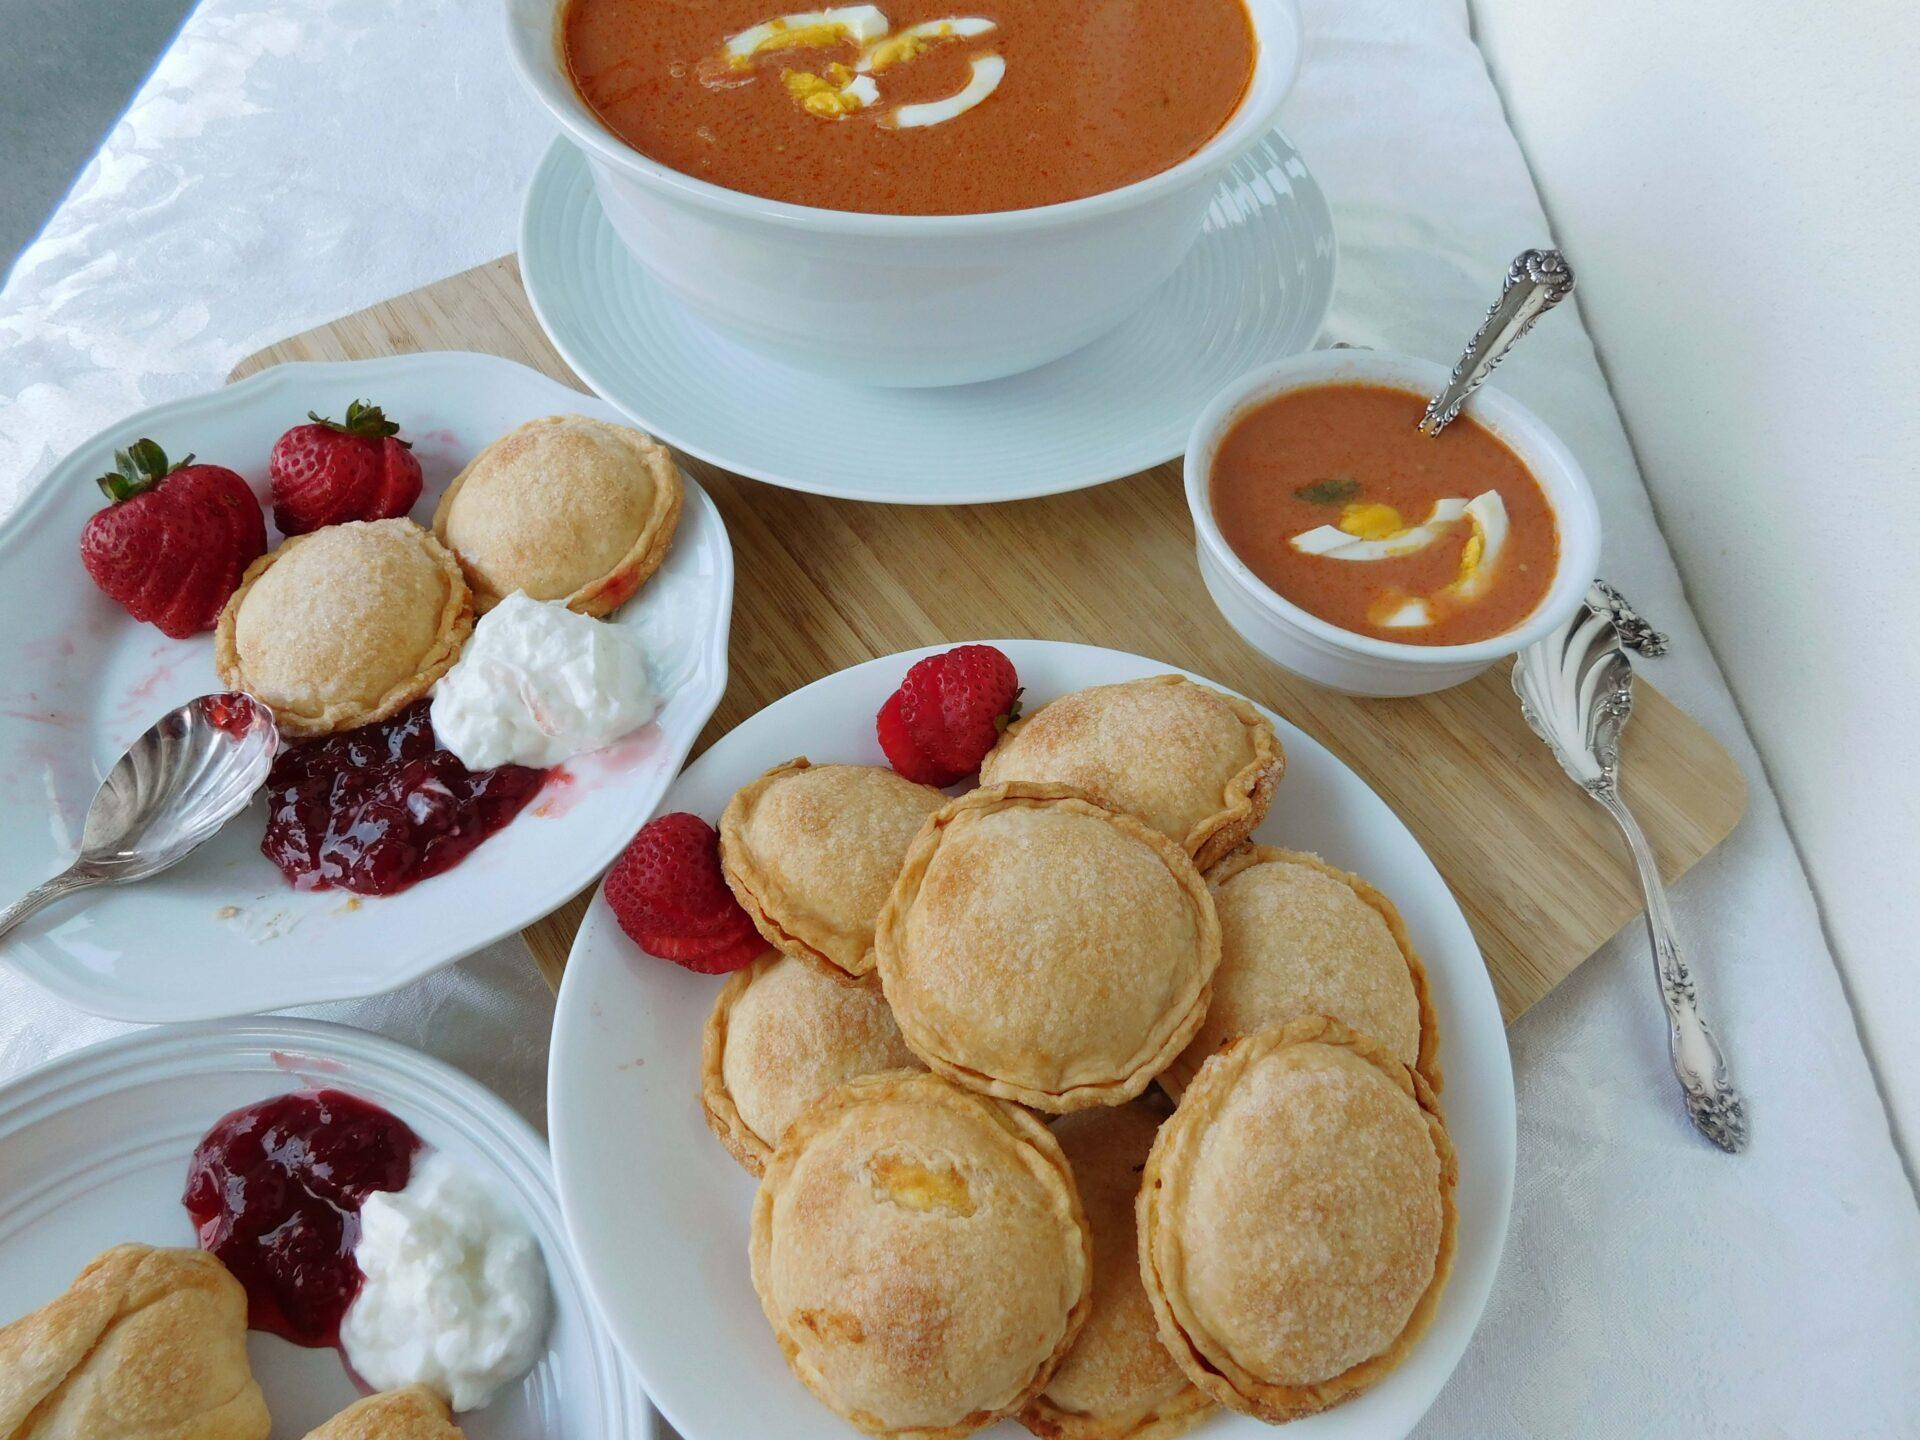 seattlefood-groupdscn1241